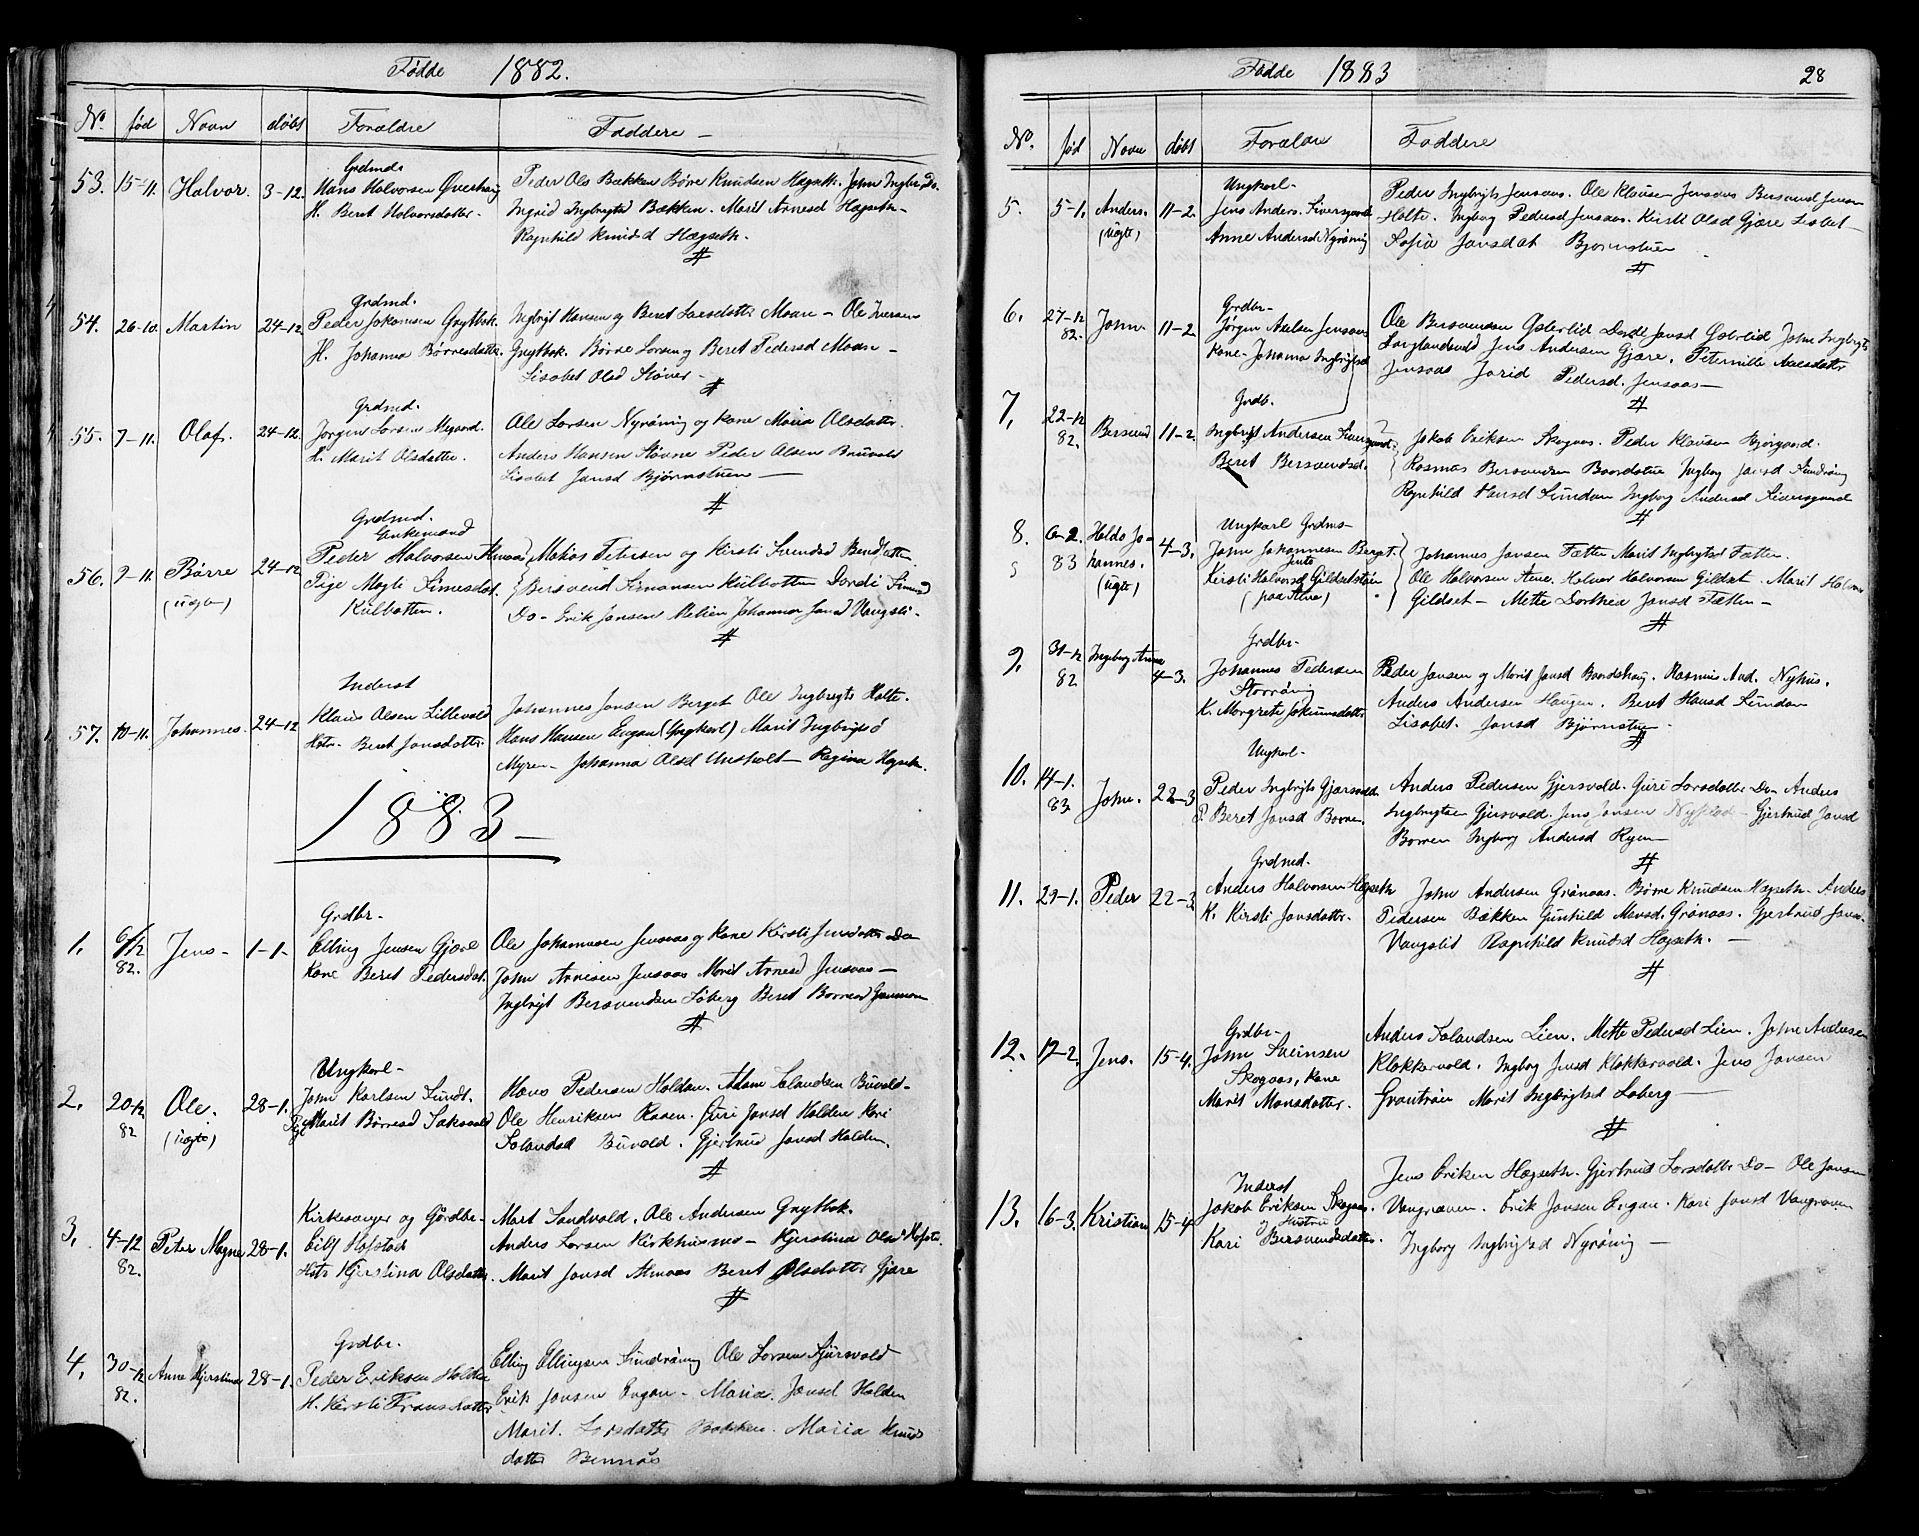 SAT, Ministerialprotokoller, klokkerbøker og fødselsregistre - Sør-Trøndelag, 686/L0985: Klokkerbok nr. 686C01, 1871-1933, s. 28